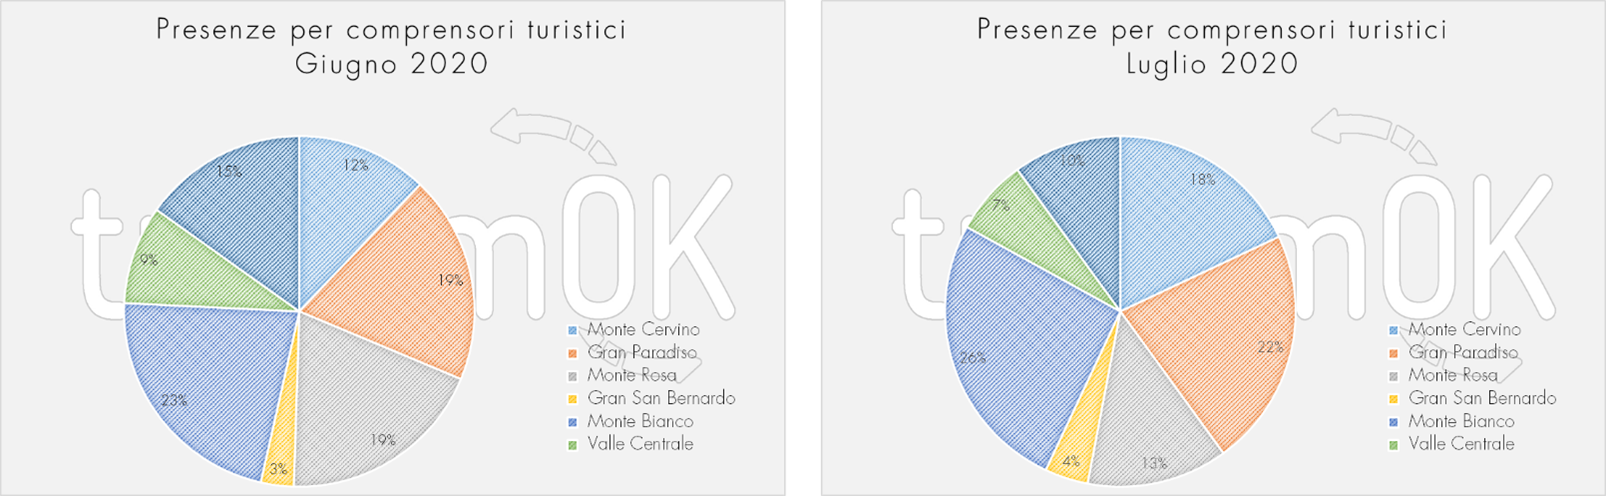 Presenze comprensori turistici Valle d Aosta estate 2020 Osservatorio giugno luglio